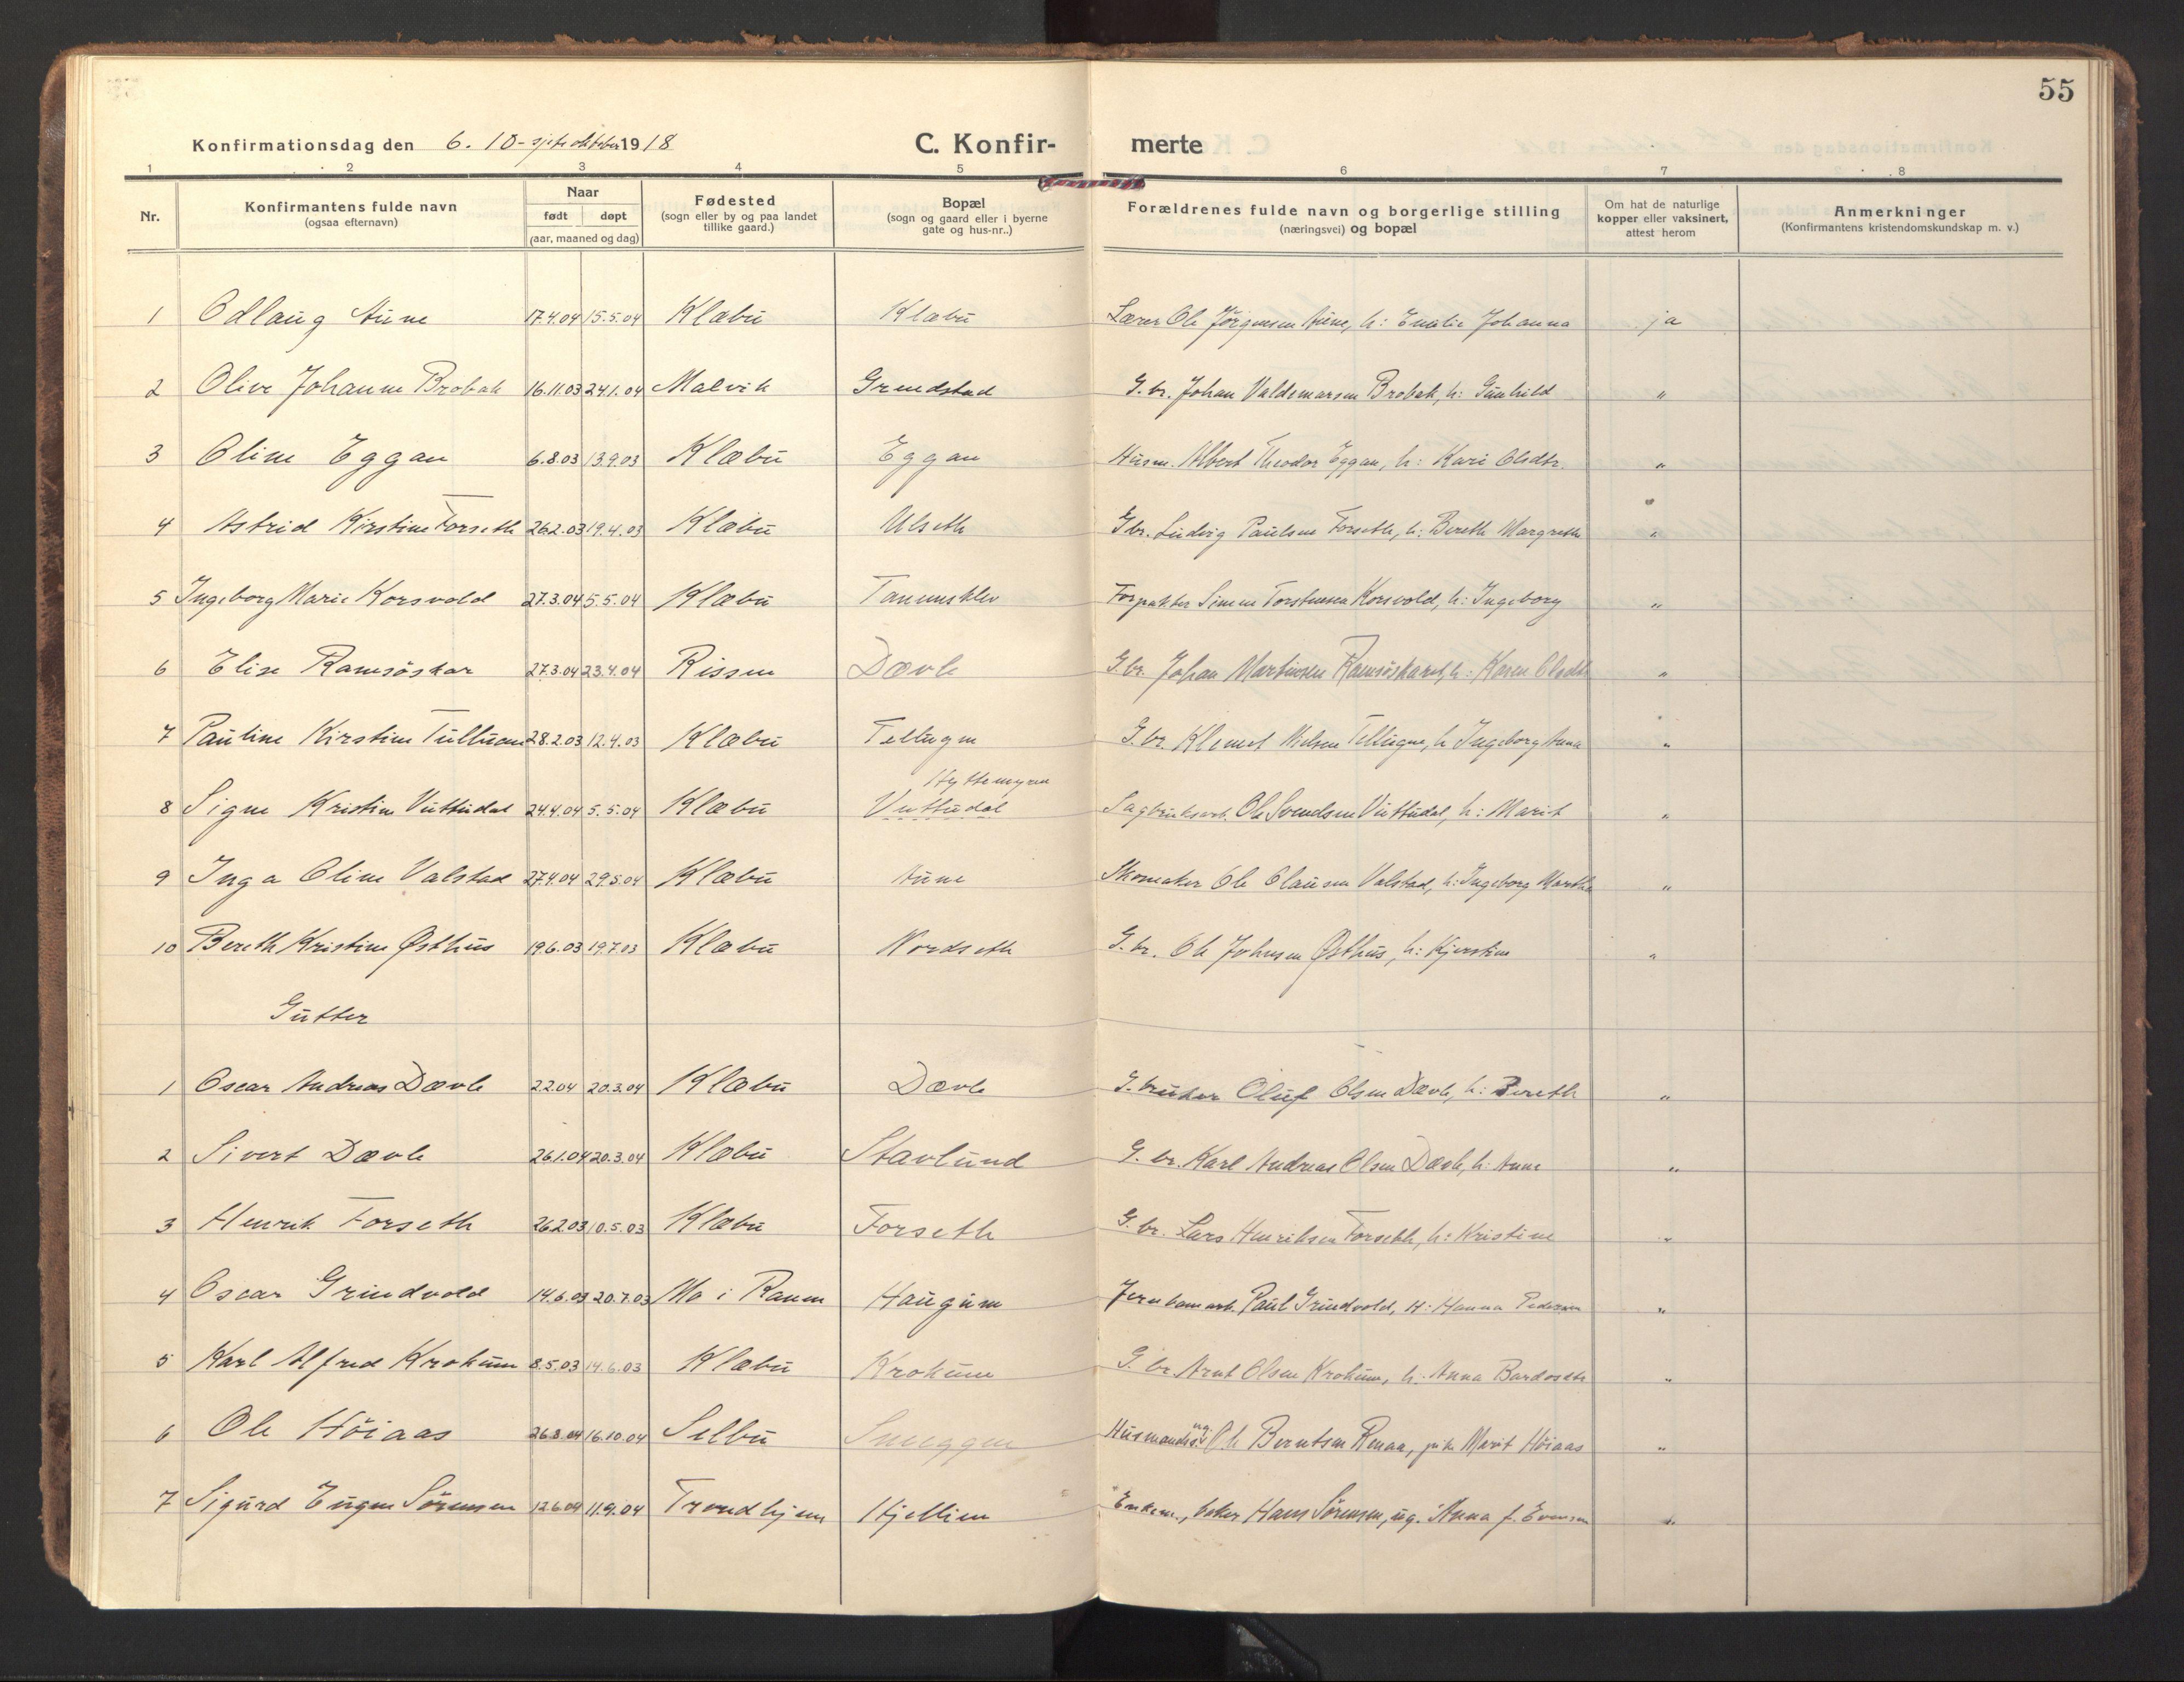 SAT, Ministerialprotokoller, klokkerbøker og fødselsregistre - Sør-Trøndelag, 618/L0449: Ministerialbok nr. 618A12, 1917-1924, s. 55